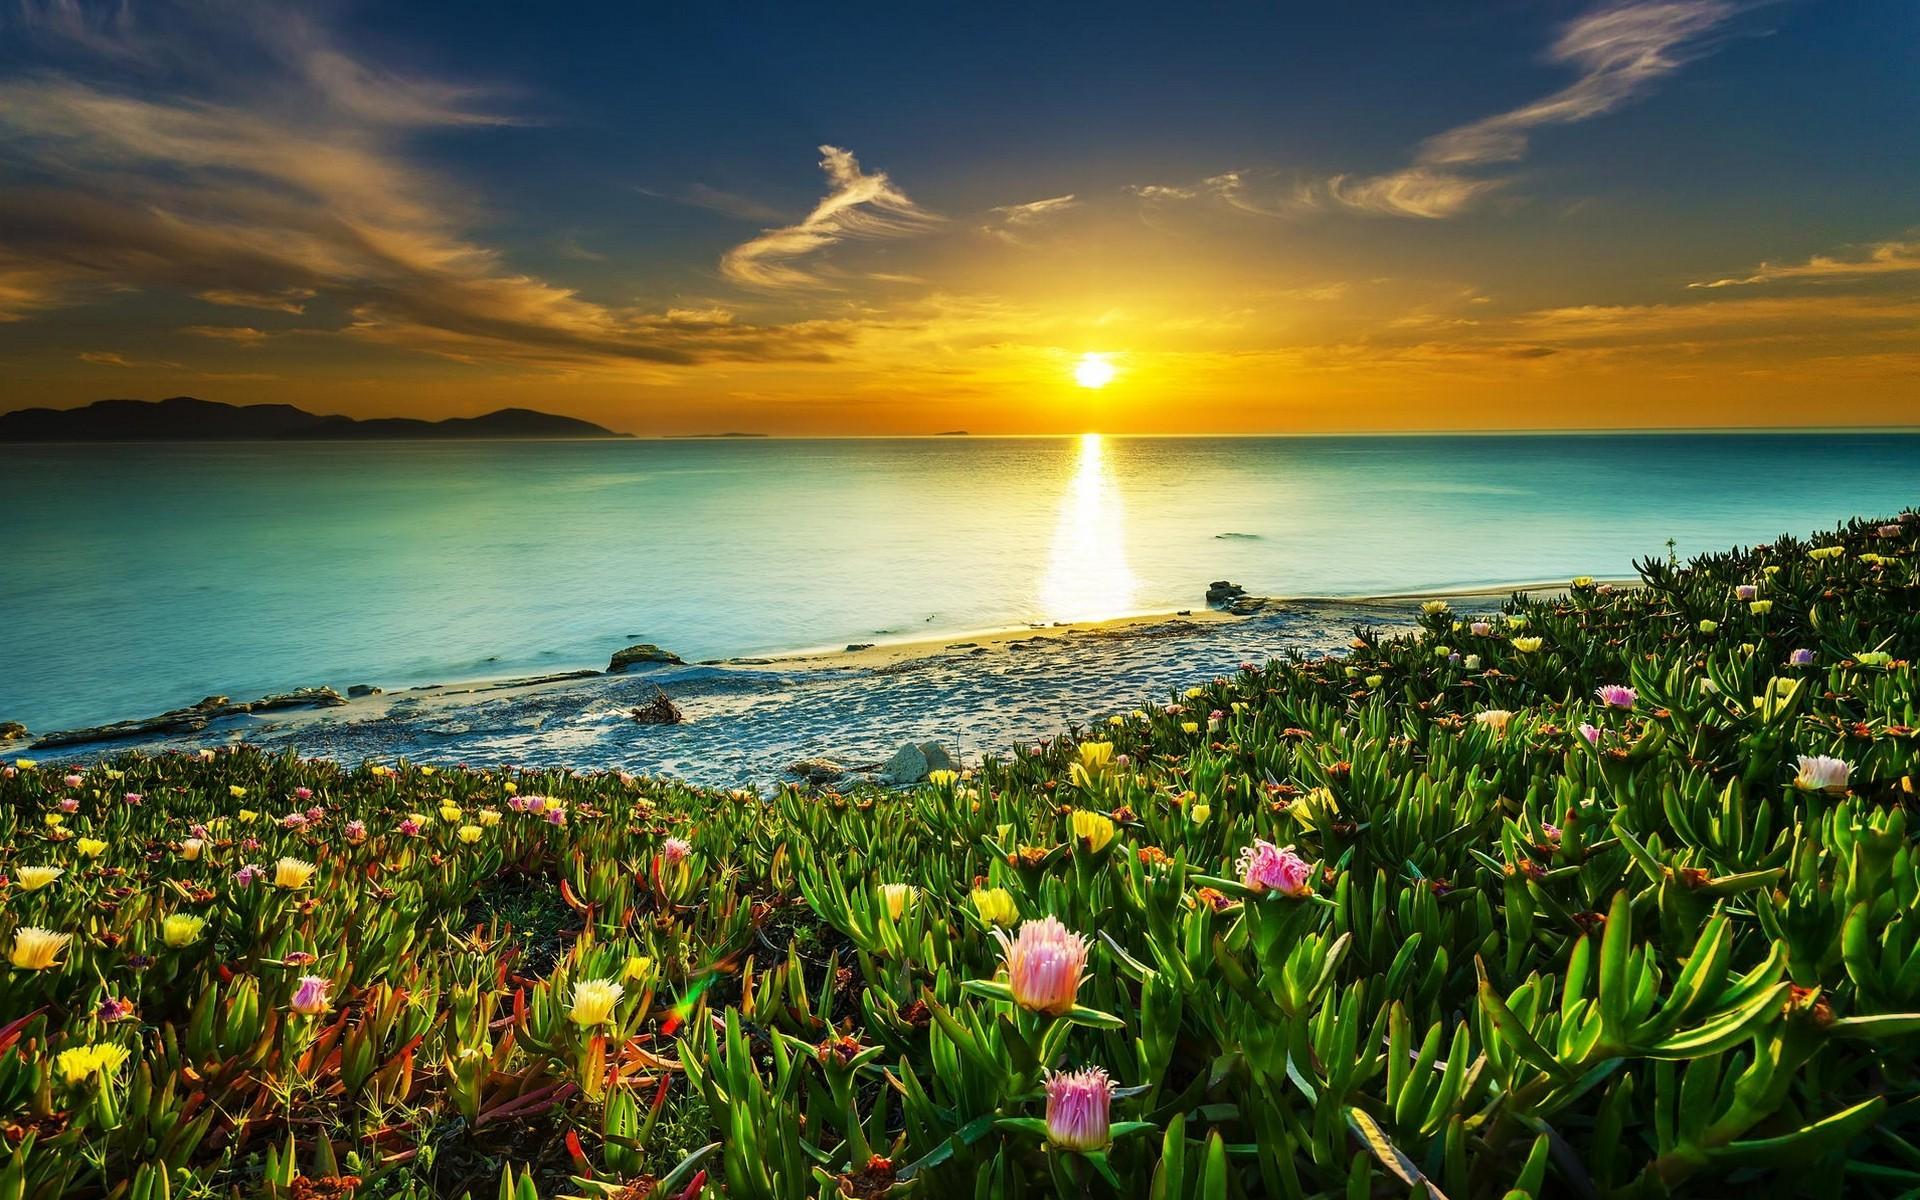 картинка море солнечный день приехала, чтобы